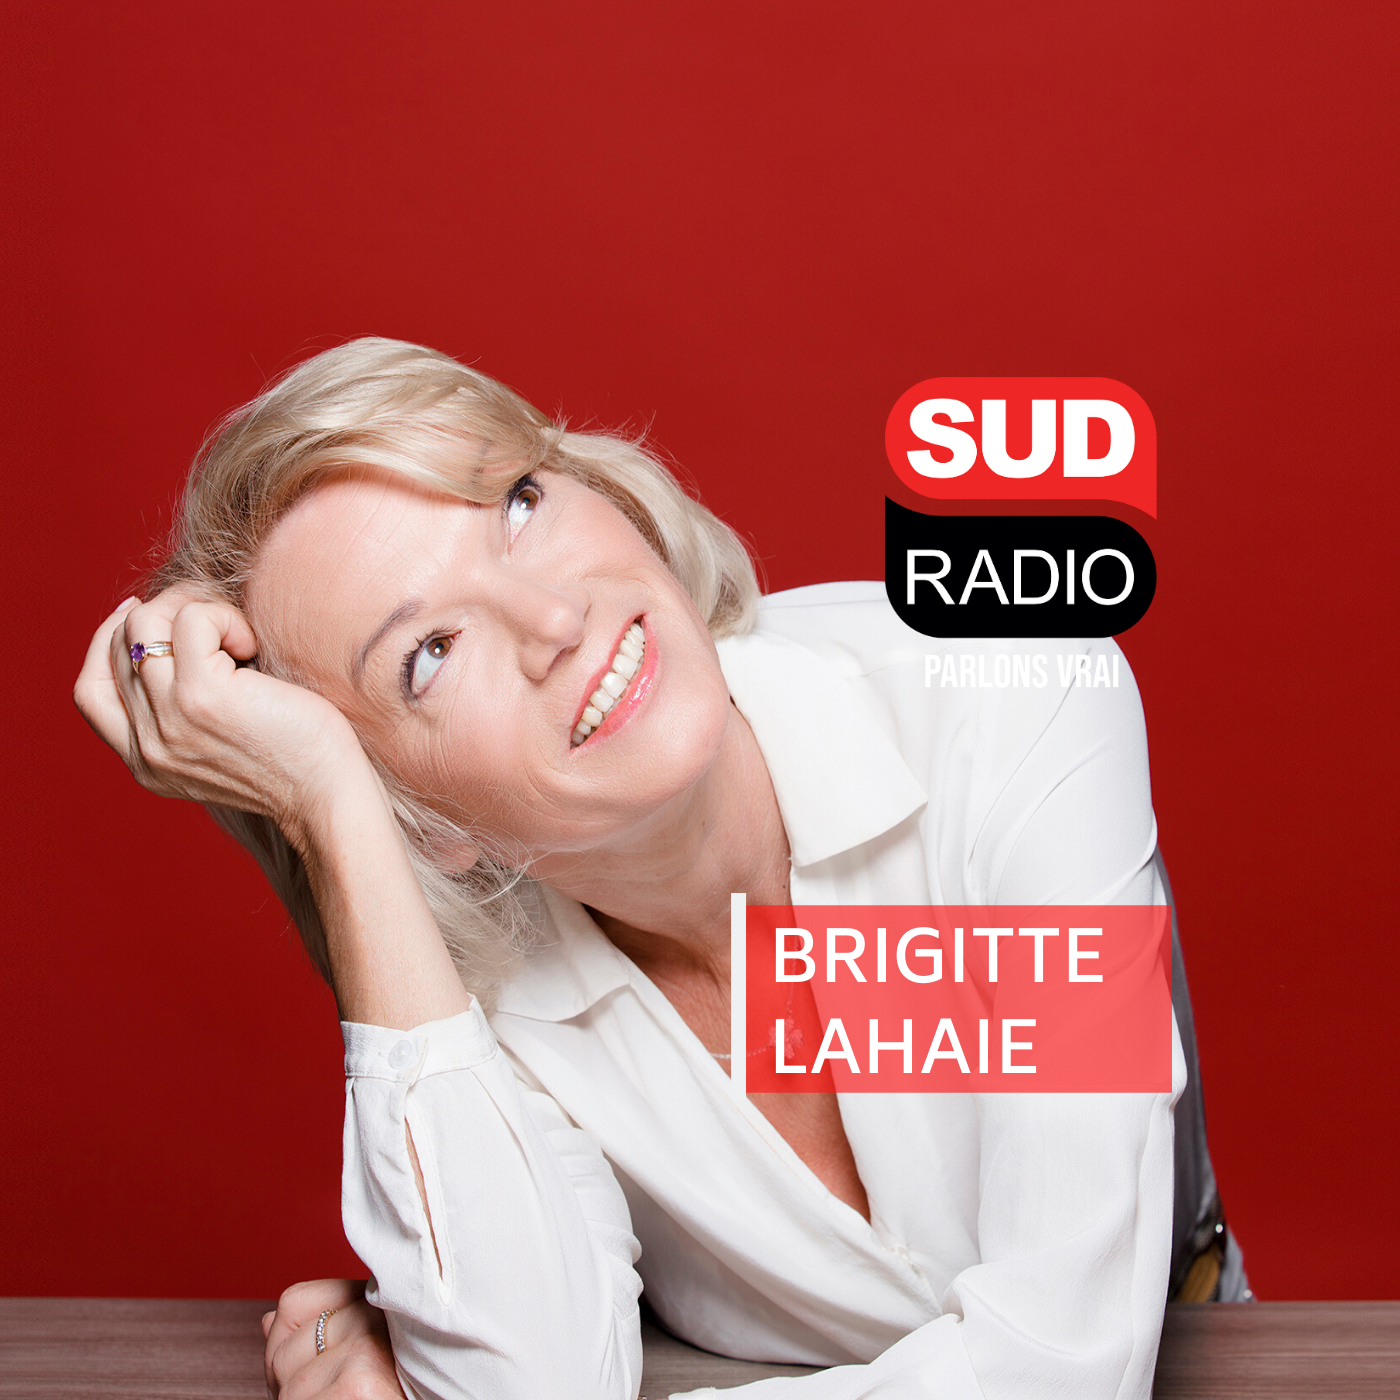 Image 1: Brigitte Lahaie Sud Radio